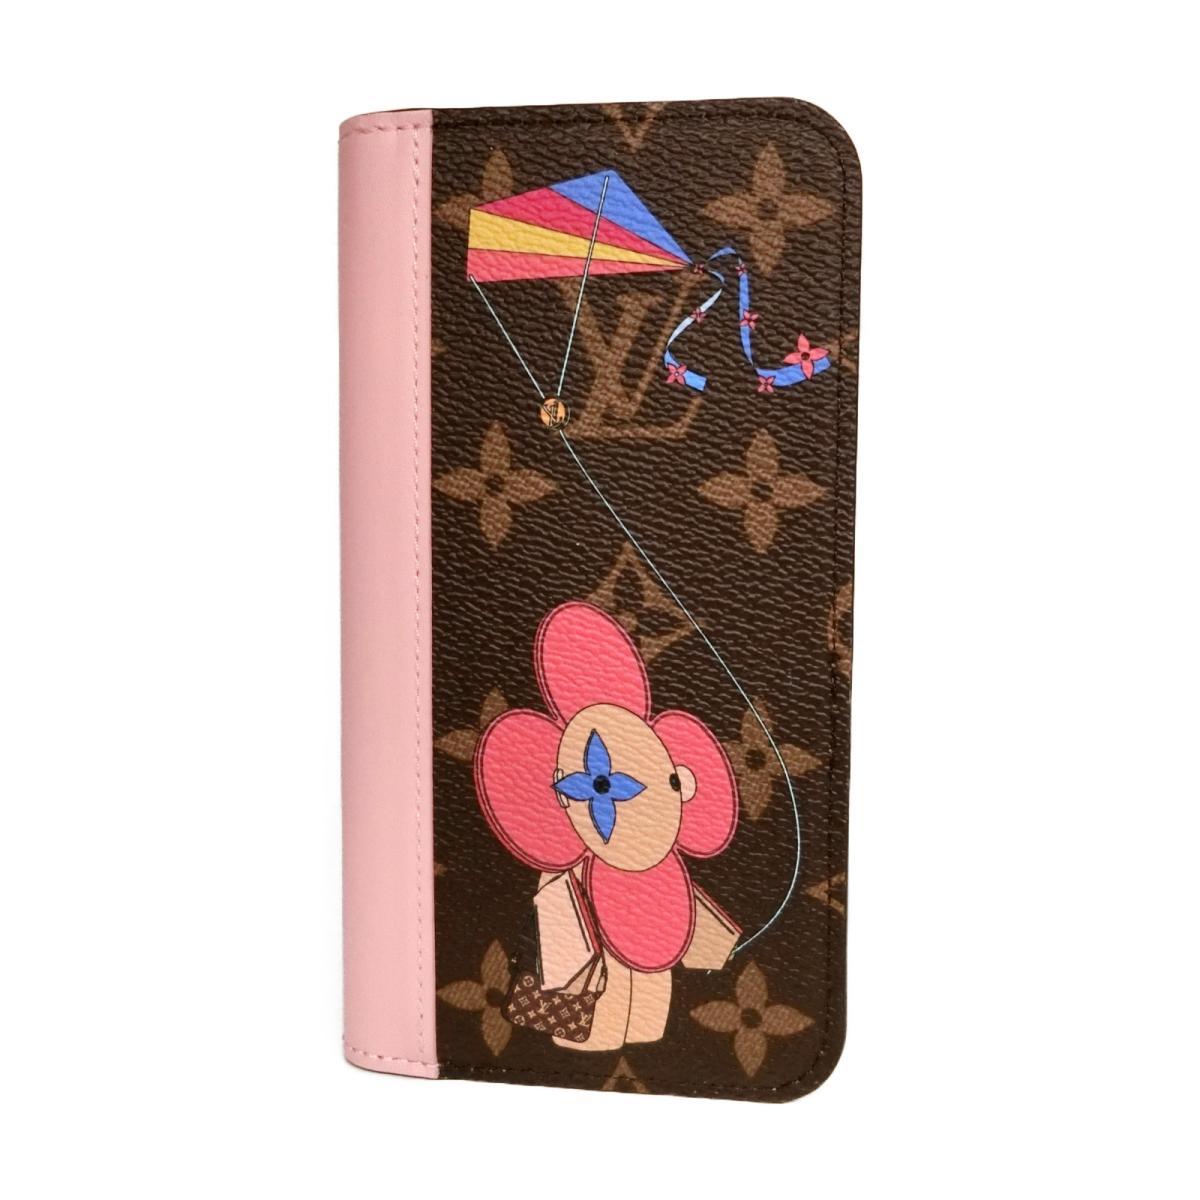 ルイヴィトン IPHONE X & XS・フォリオ 携帯ケース レディース モノグラム (M69070) | LOUIS VUITTON BRANDOFF ブランドオフ ヴィトン ビトン ルイ・ヴィトン スマートフォン カバー ケース 携帯電話 携帯カバー